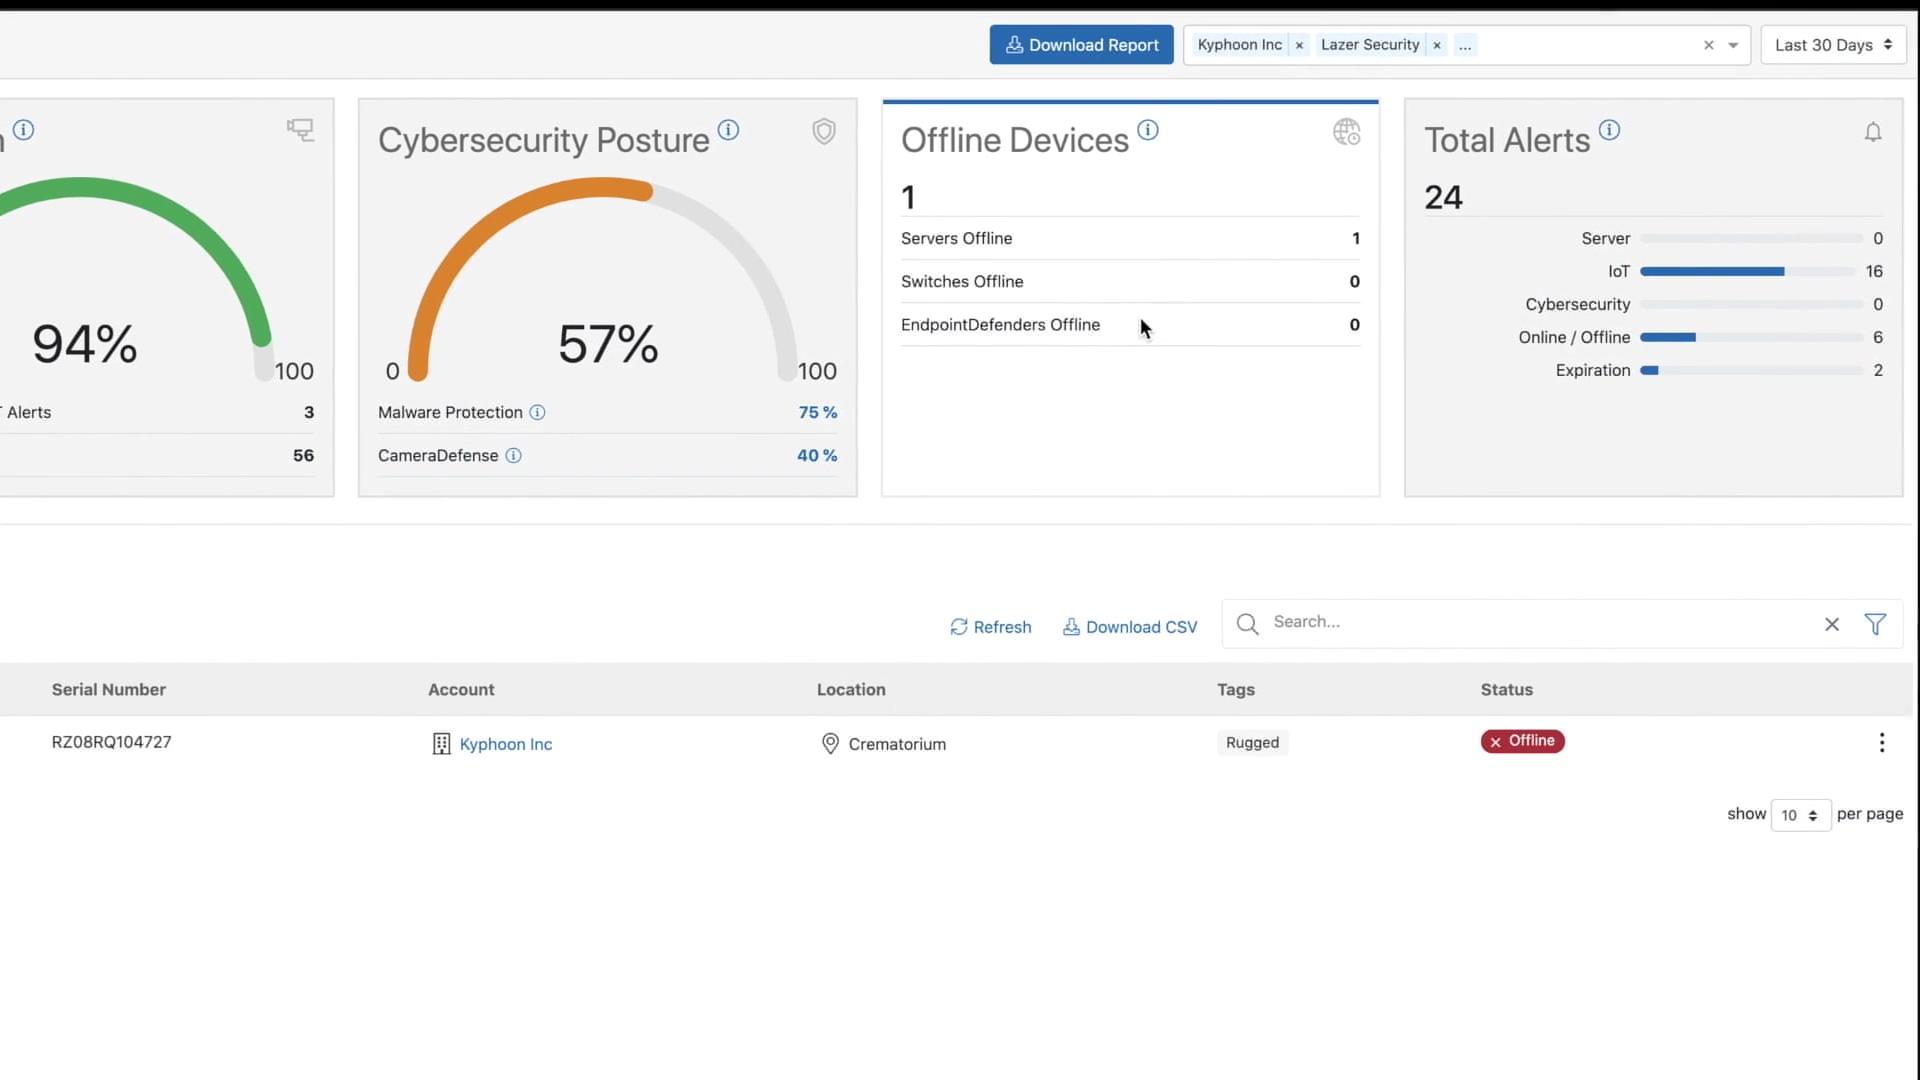 Razberi MonitorCloud 3.0 Intro